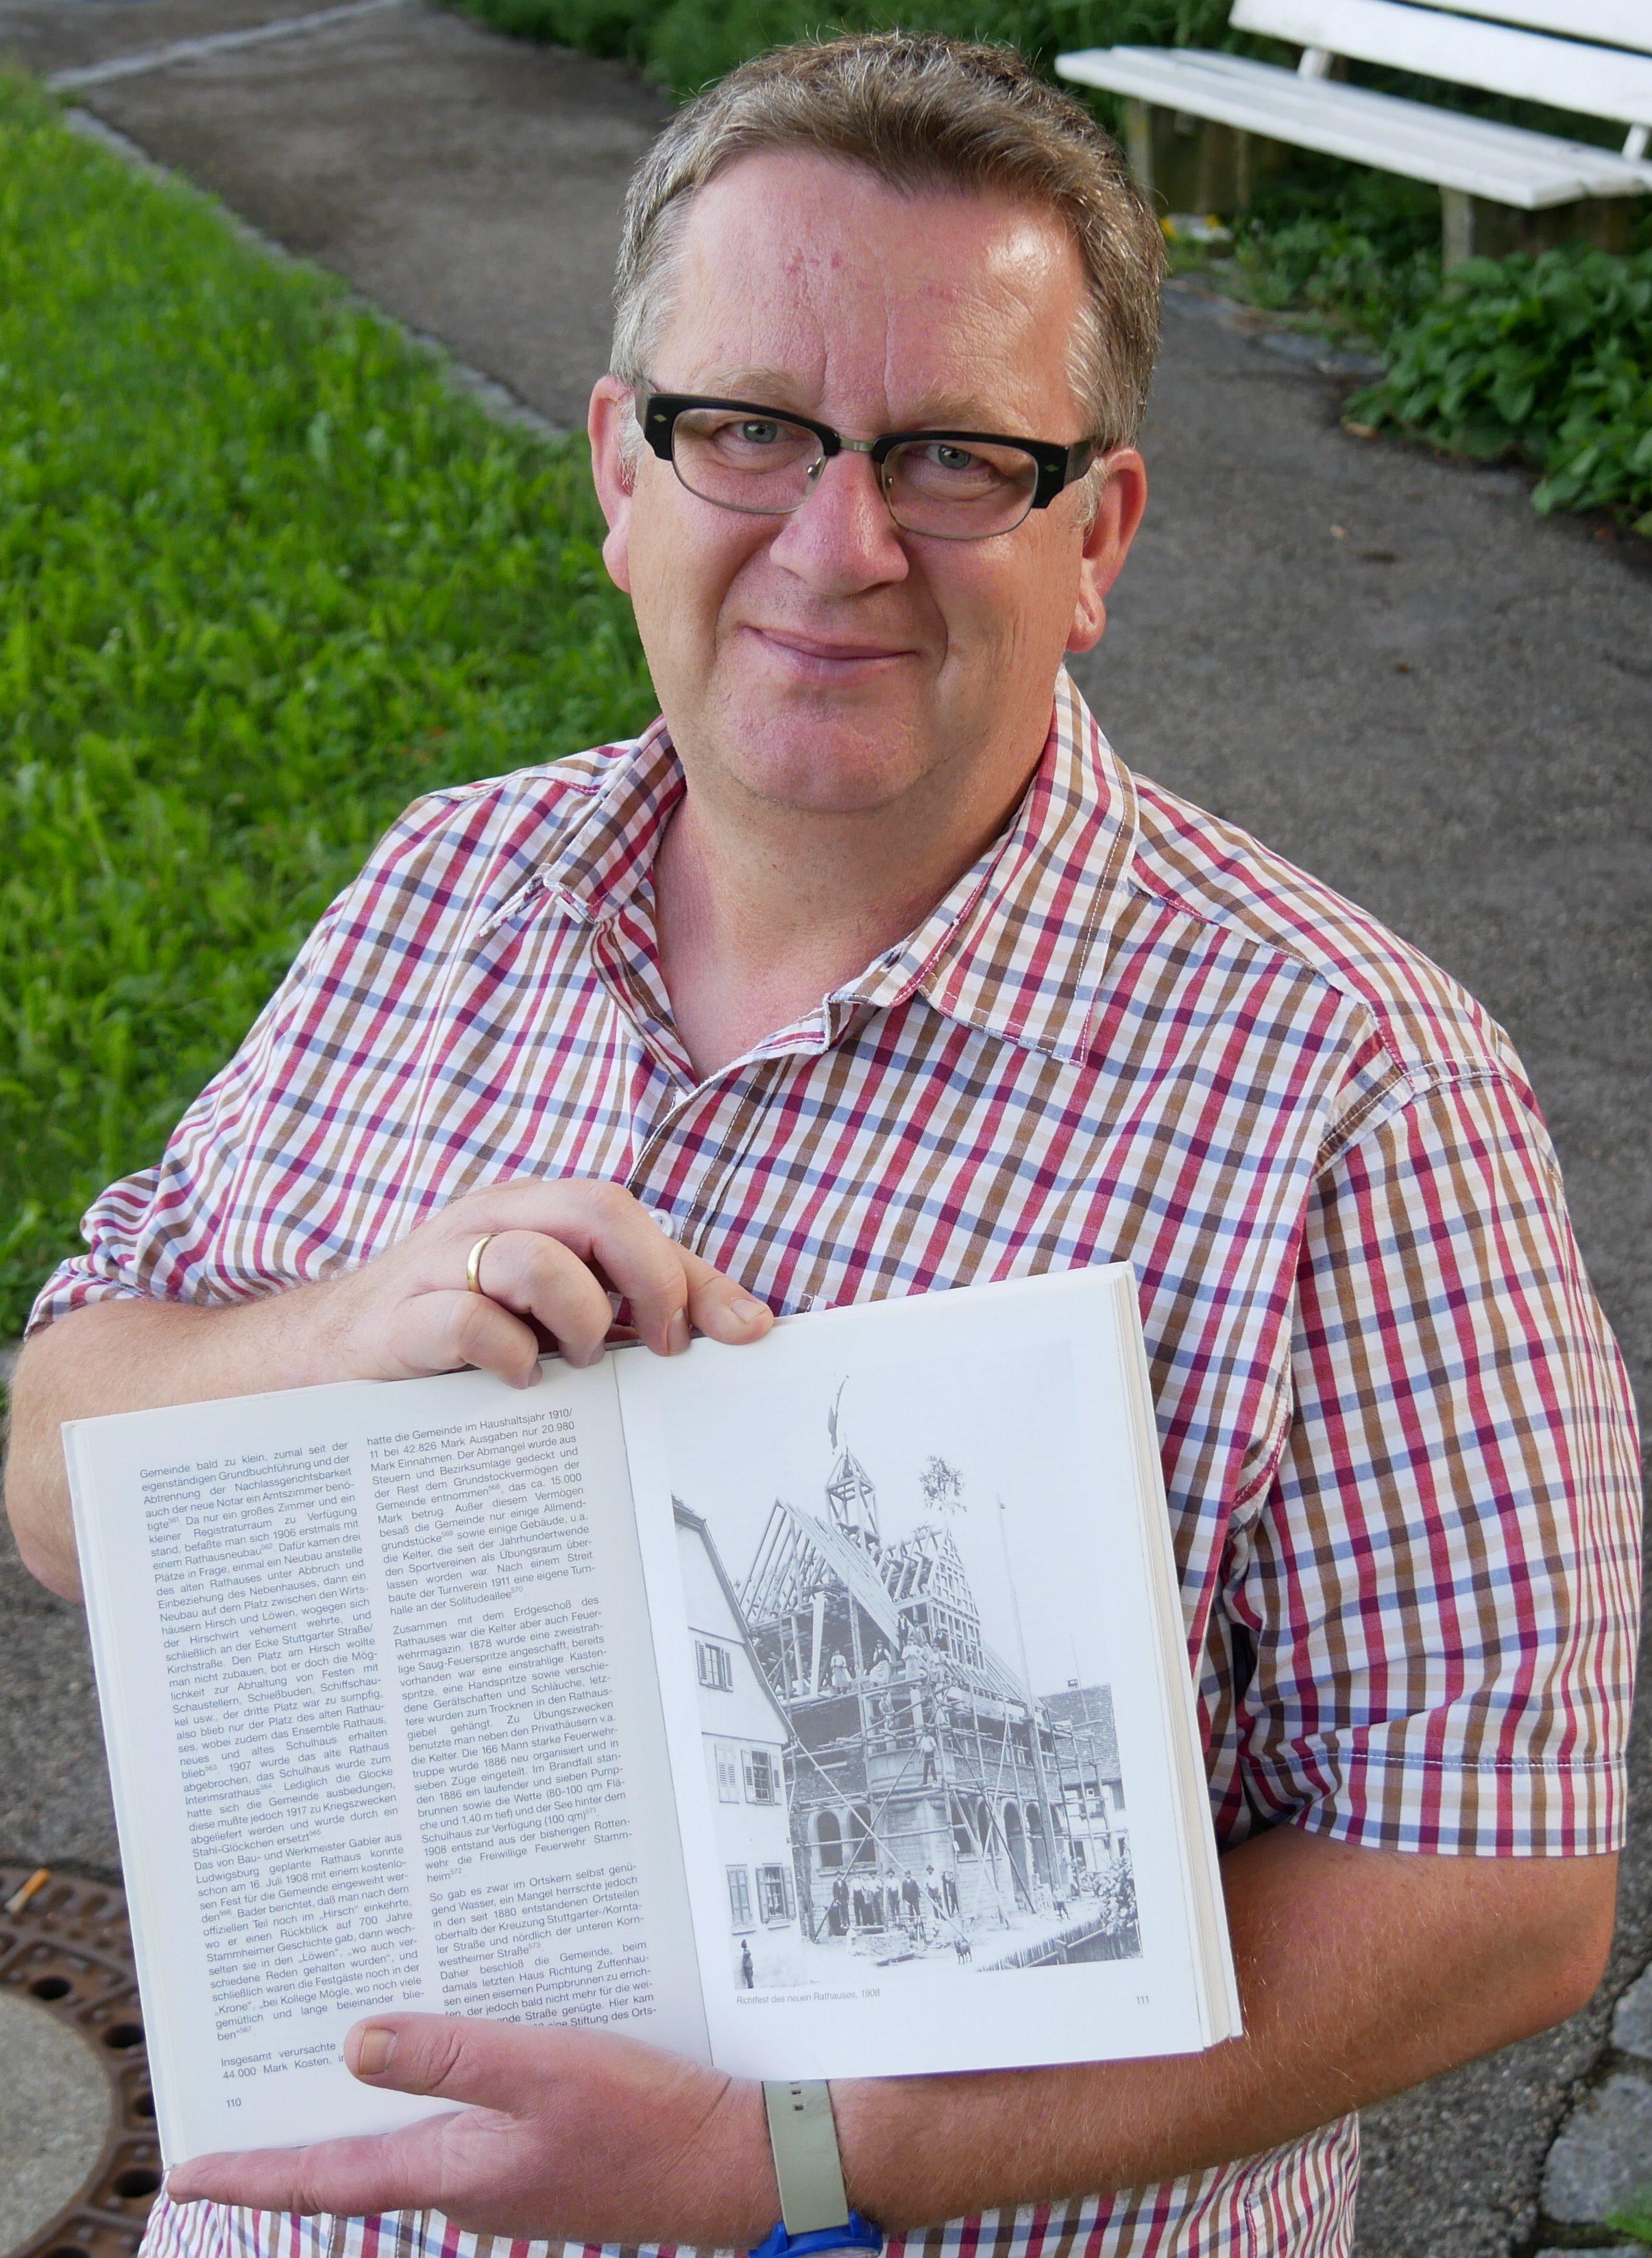 Albrecht Gühring kennt sich in Stammheim sehr gut aus. Der Archivar hat bereits einige Bücher über seinen Heimatort geschrieben. Foto: Uwe Roth